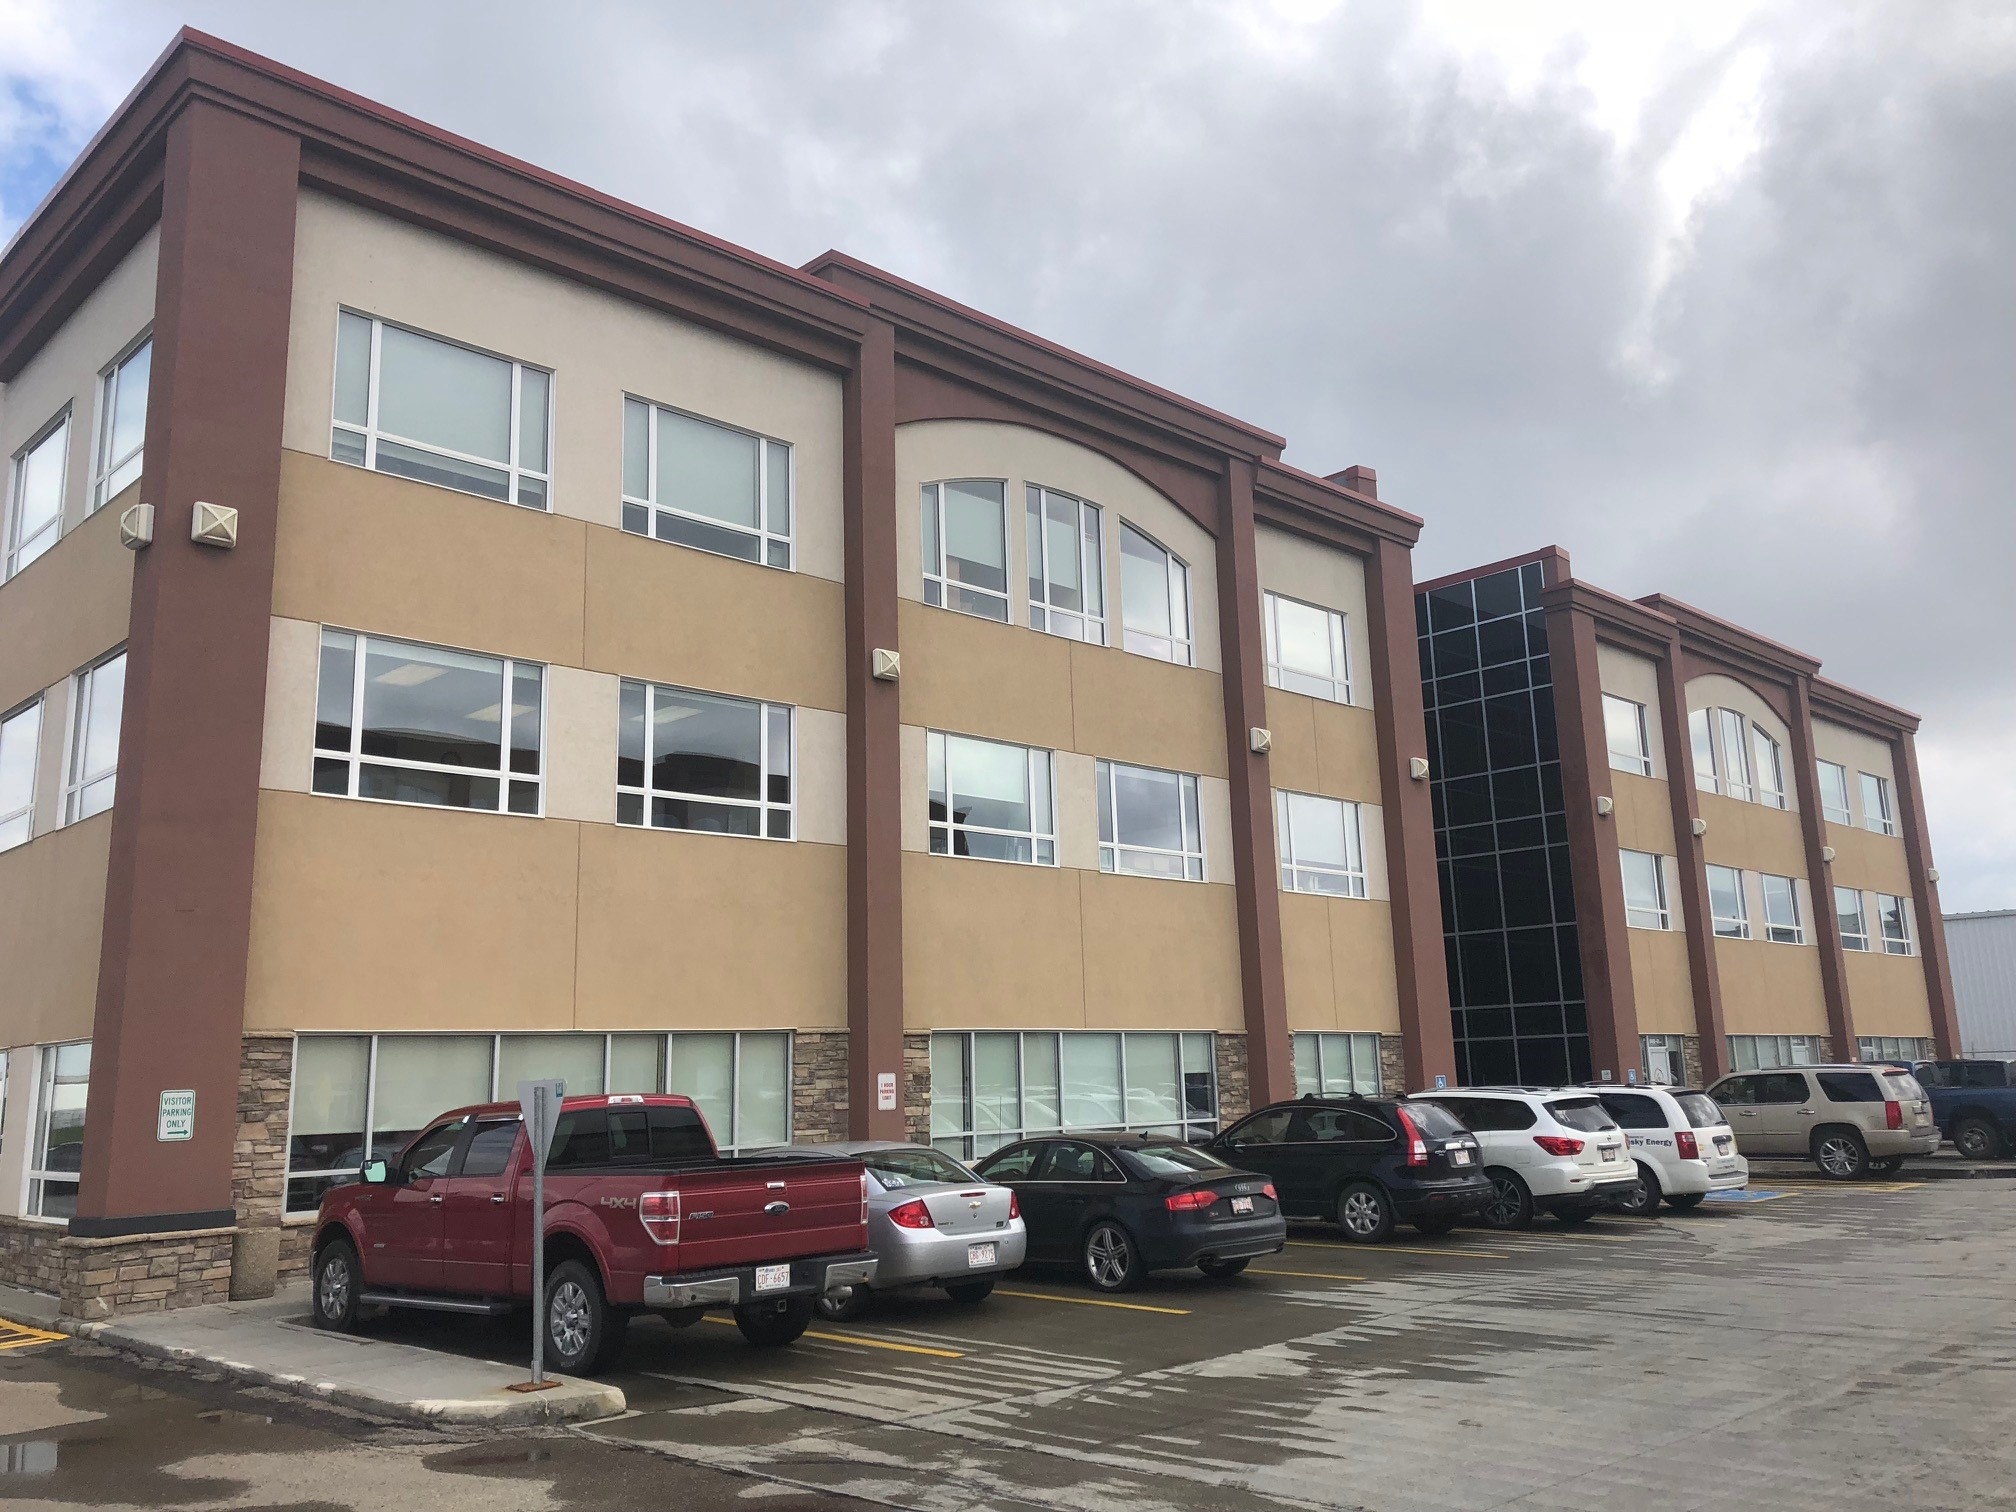 109 Elm Business Park Building 2 9470 51 Avenue NW